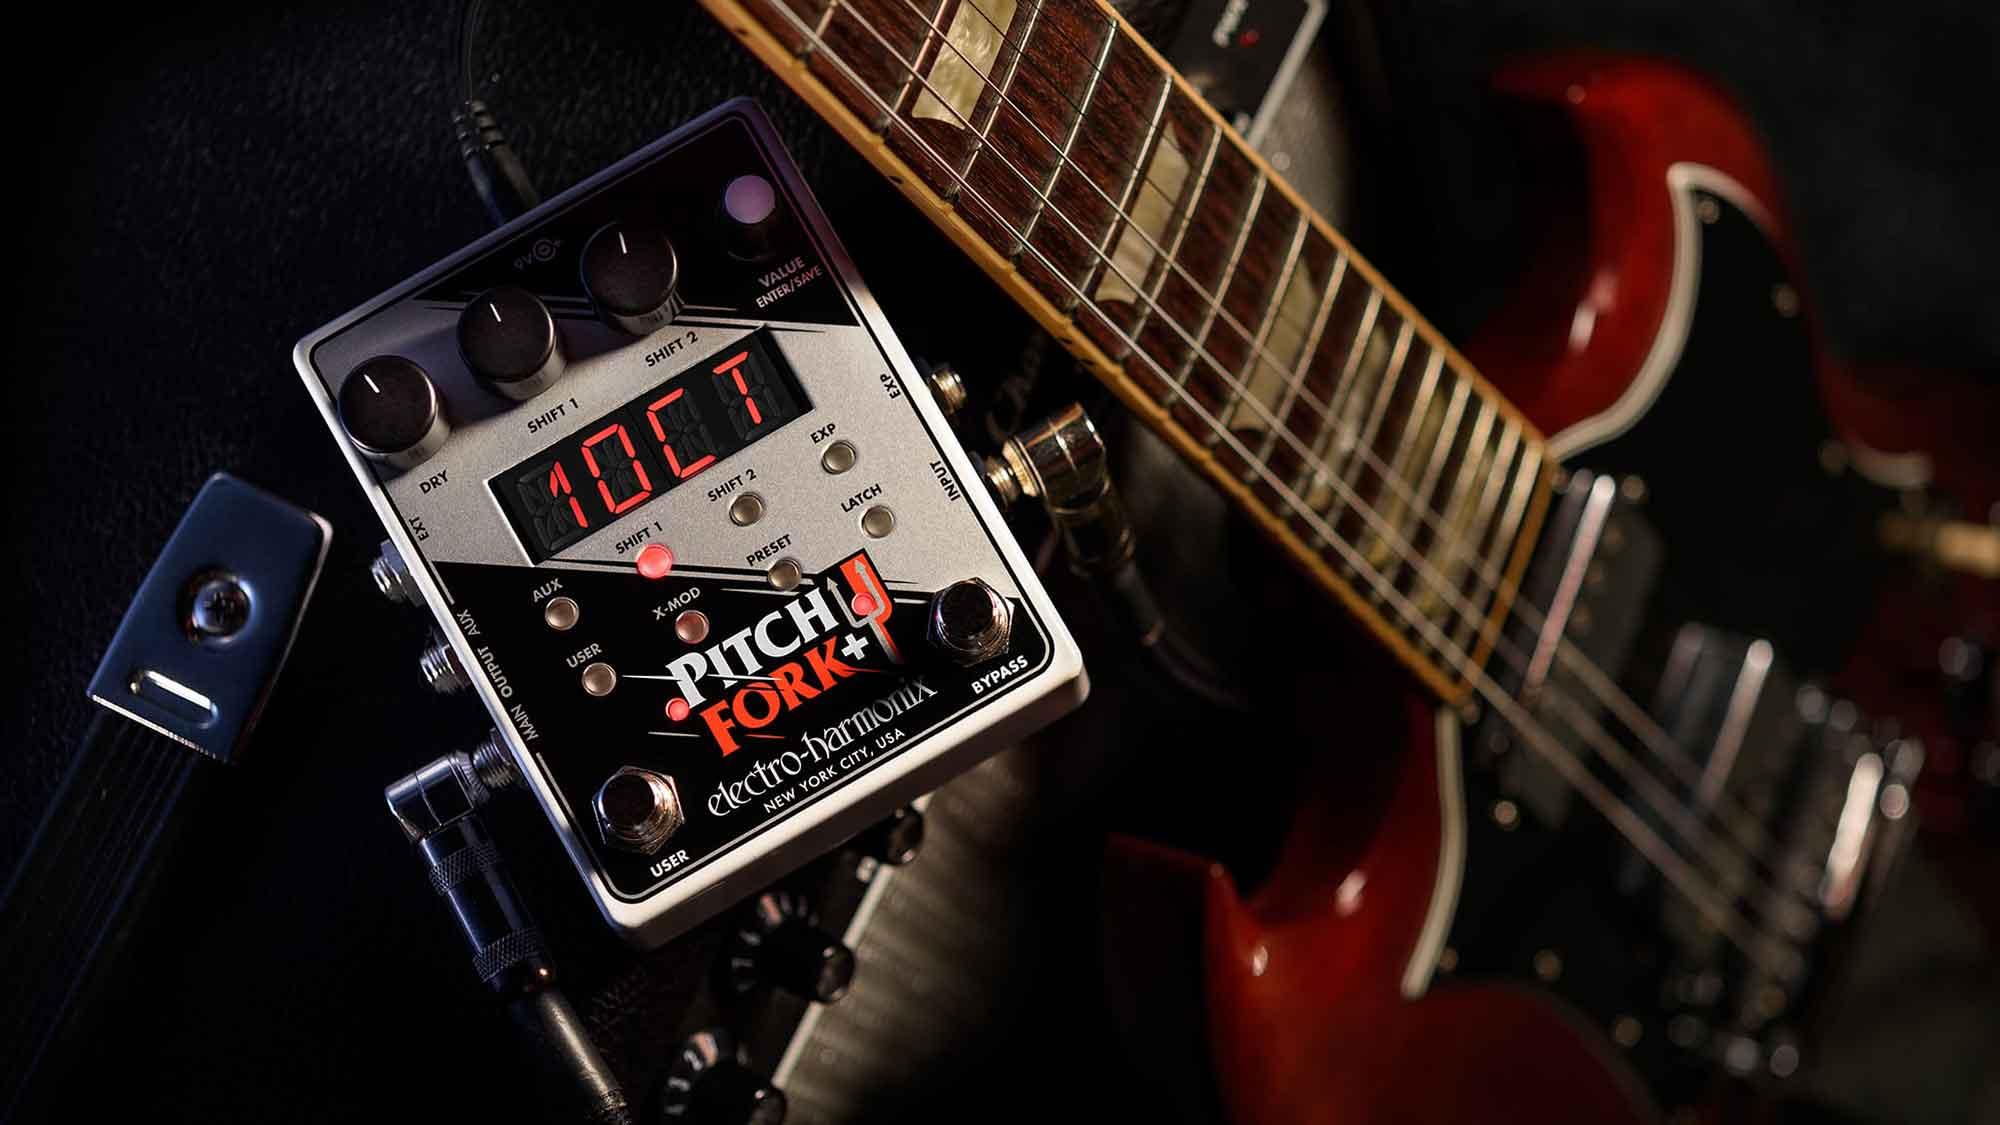 פדאל פיצ' שיפטר לגיטרה +Electro-Harmonix Pitch Fork